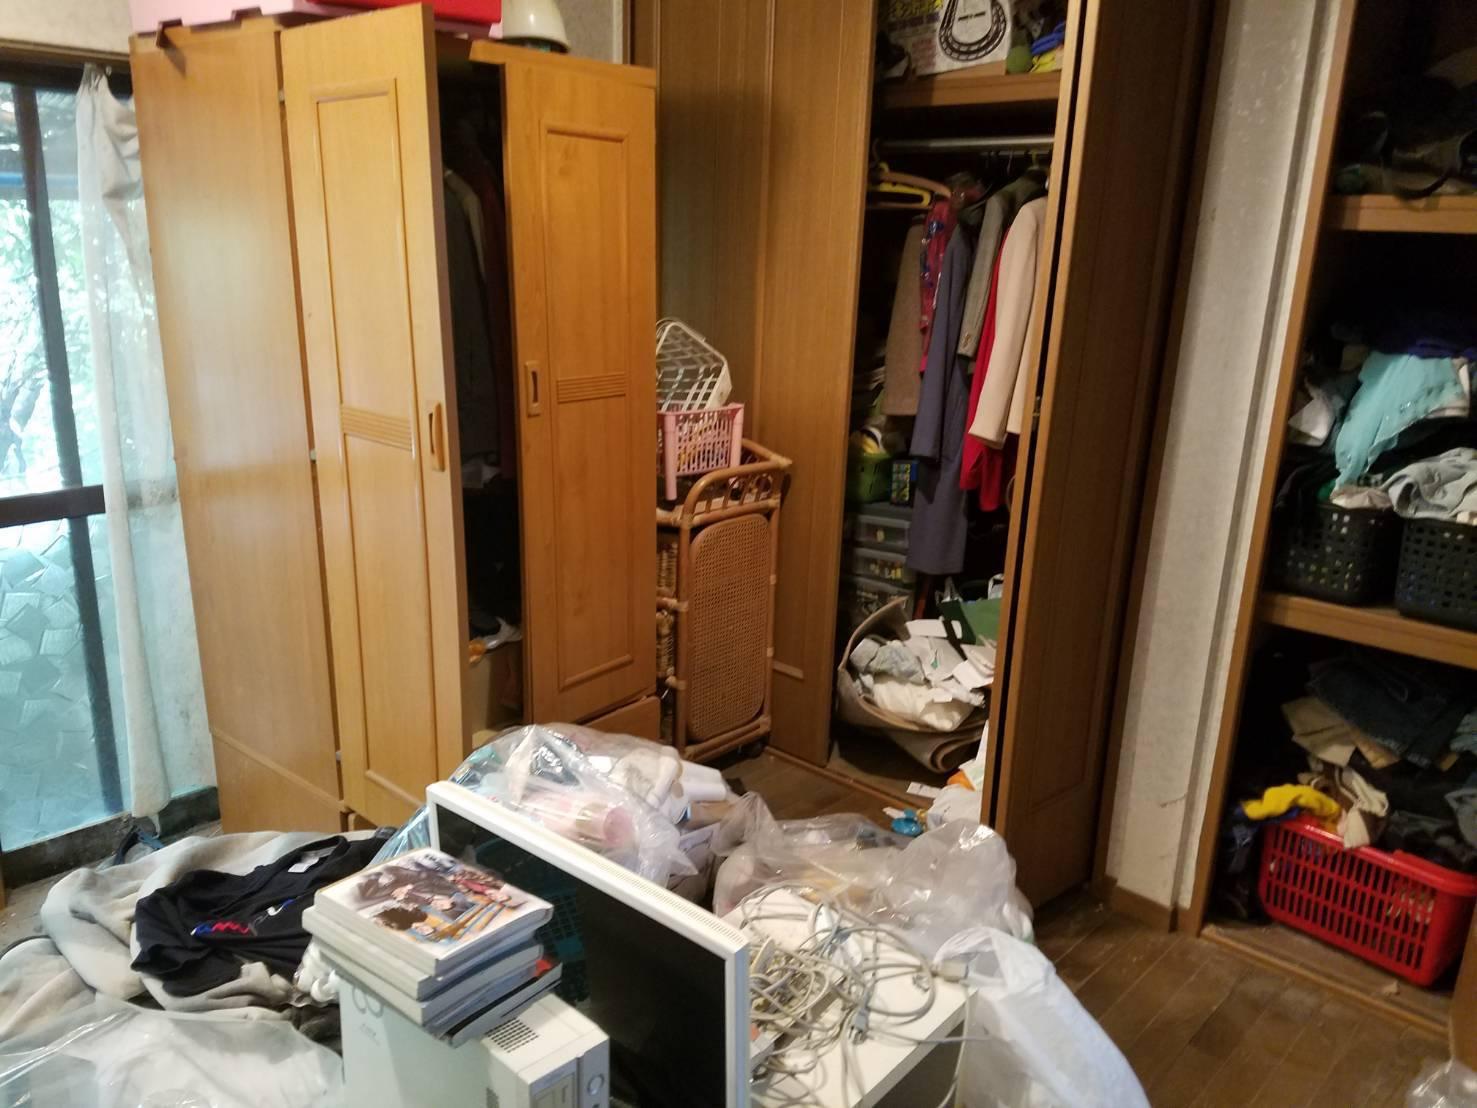 ワードローブ、衣類、テレビの回収前